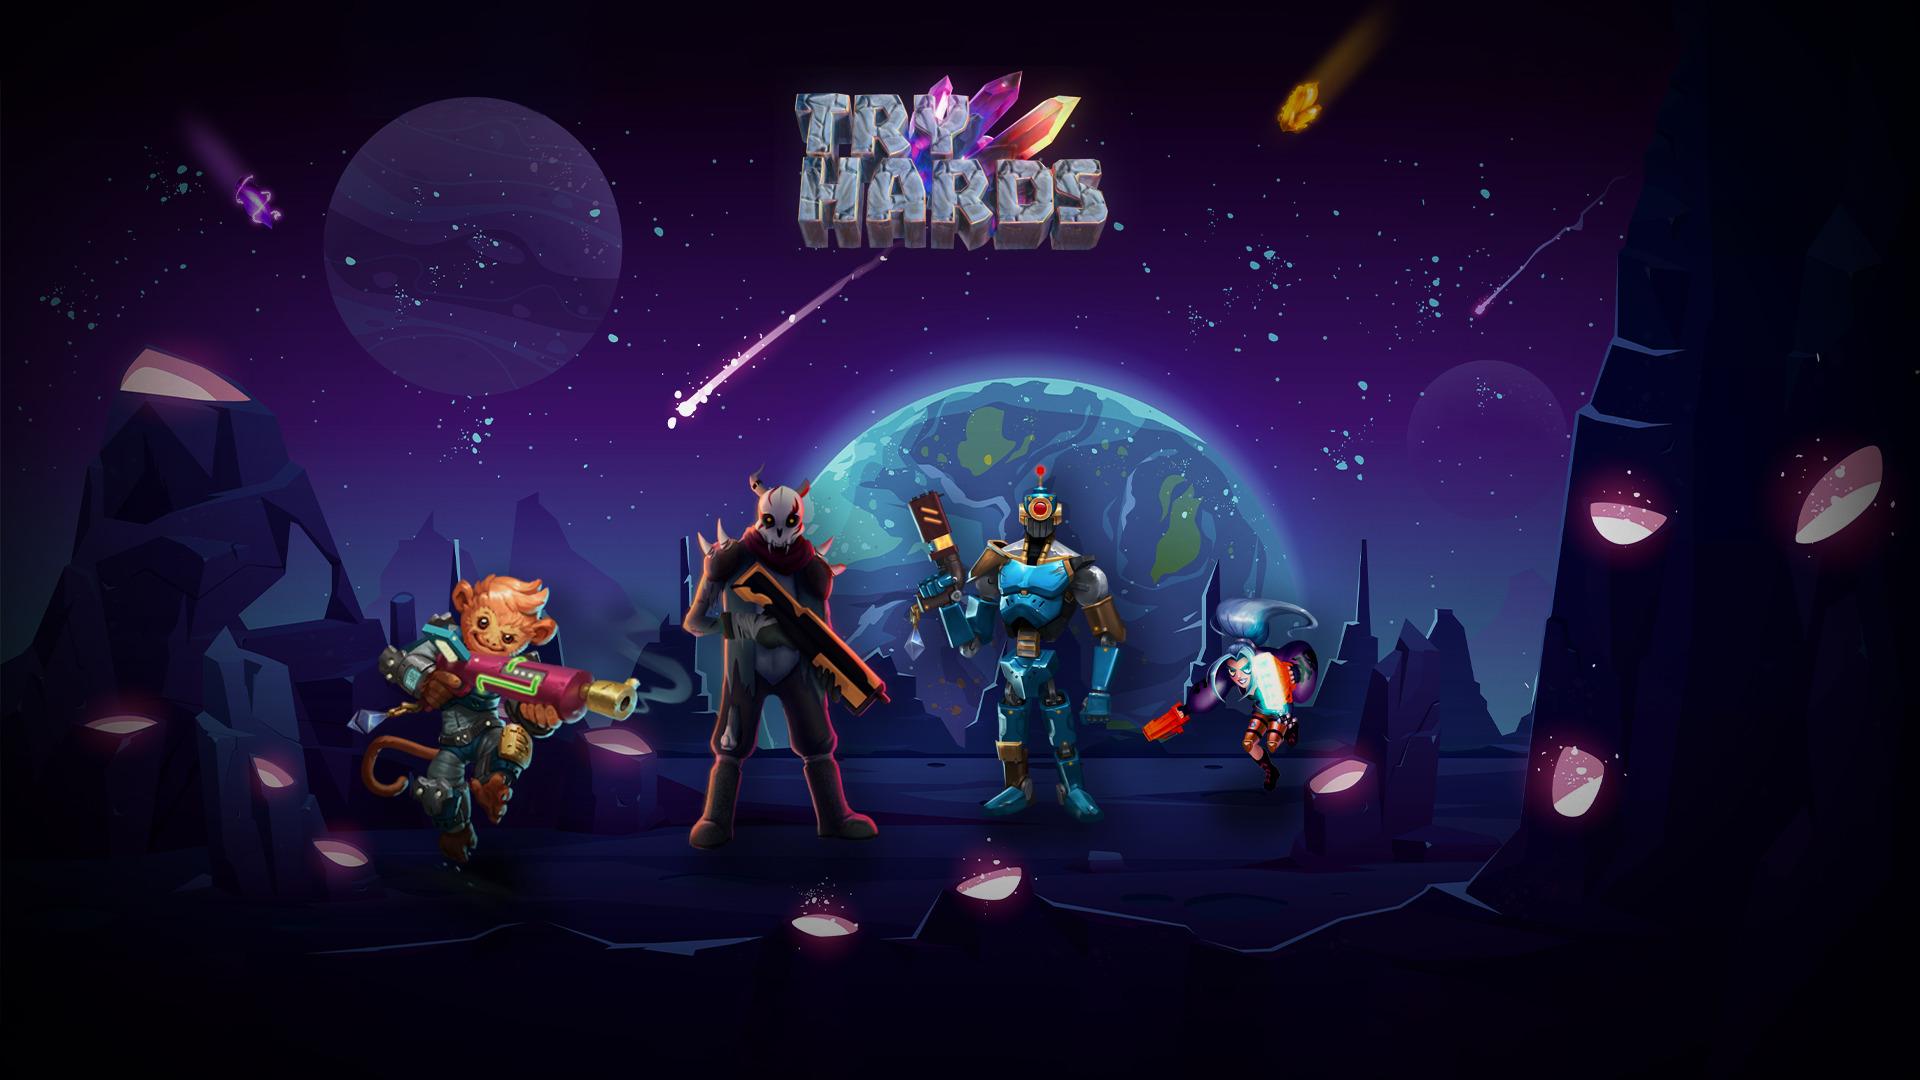 Lý do gì khiến TryHards là game NFT Metaverse thú vị nhất?